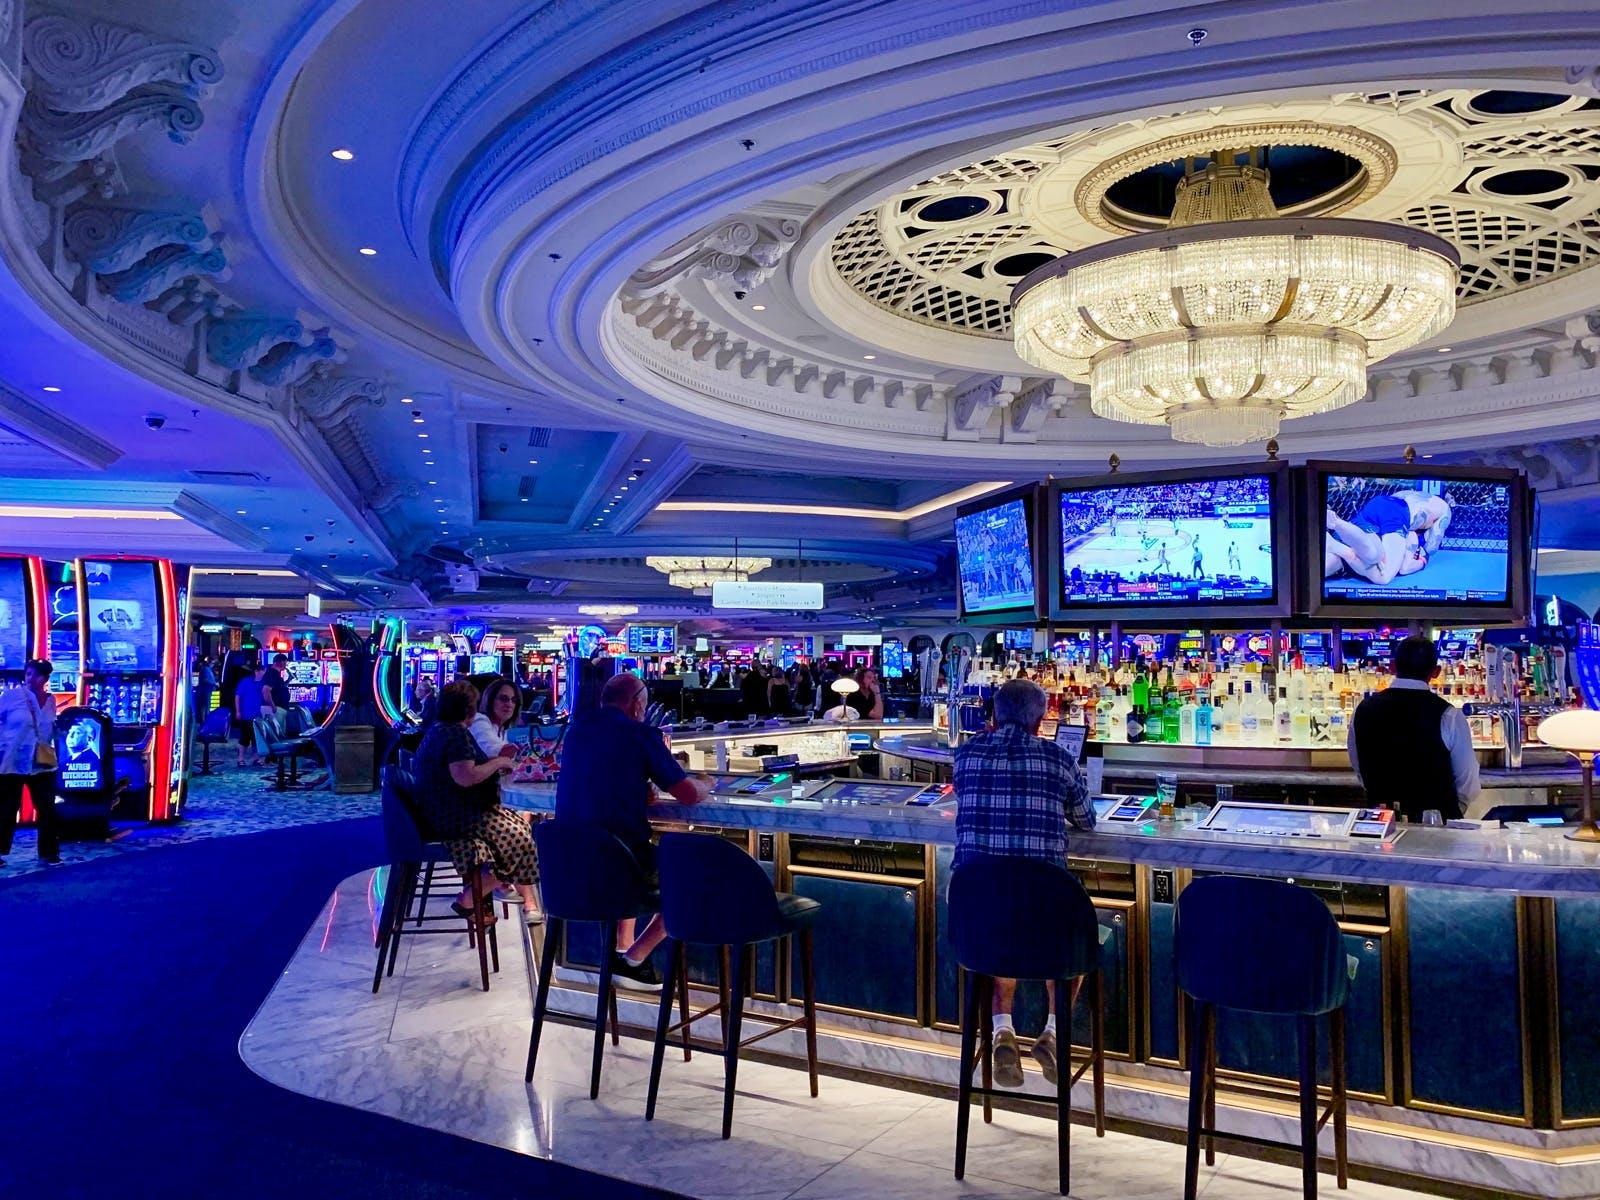 Park MGM casino